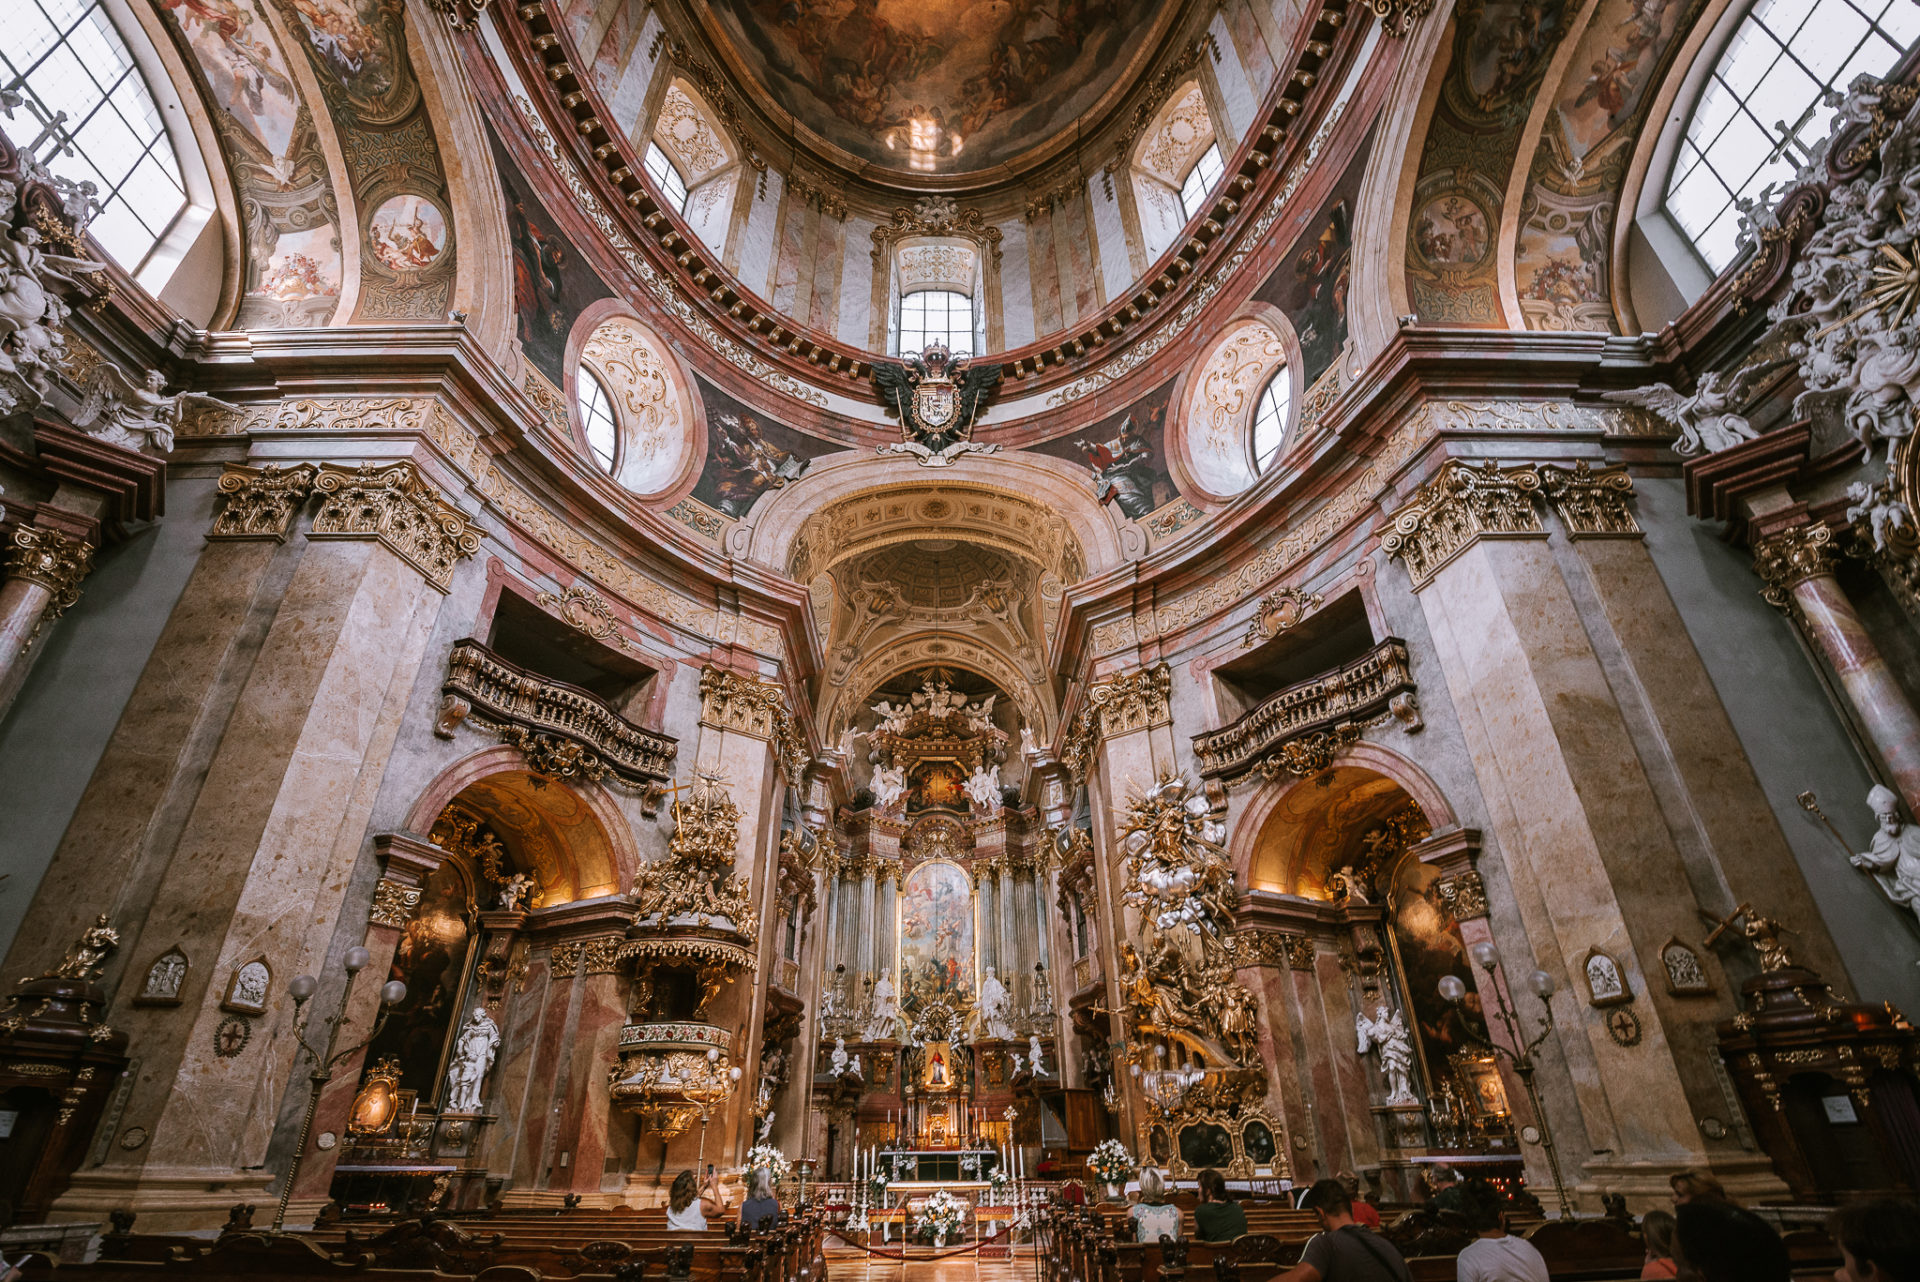 維也納 聖伯多祿教堂 Peterskirche 介紹與拍照建議 by 旅行攝影師 Wilhelm Chang 張威廉